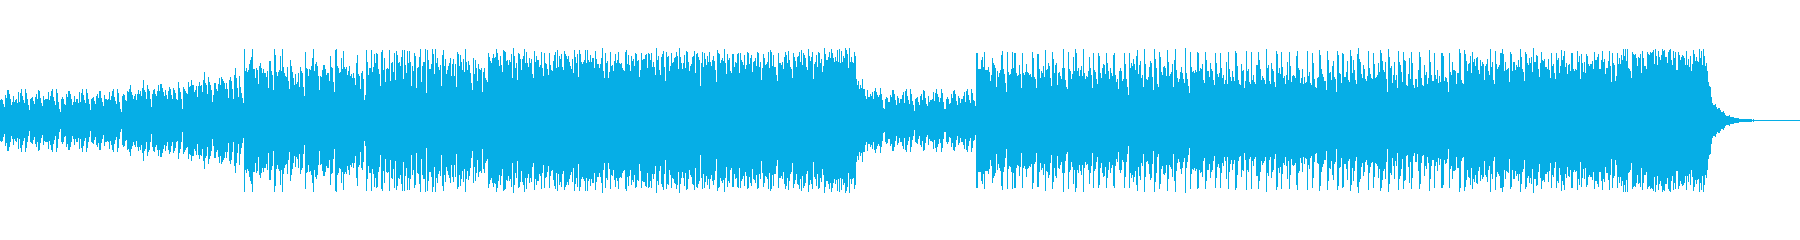 ドキュメンタリーの挿入歌の再生済みの波形